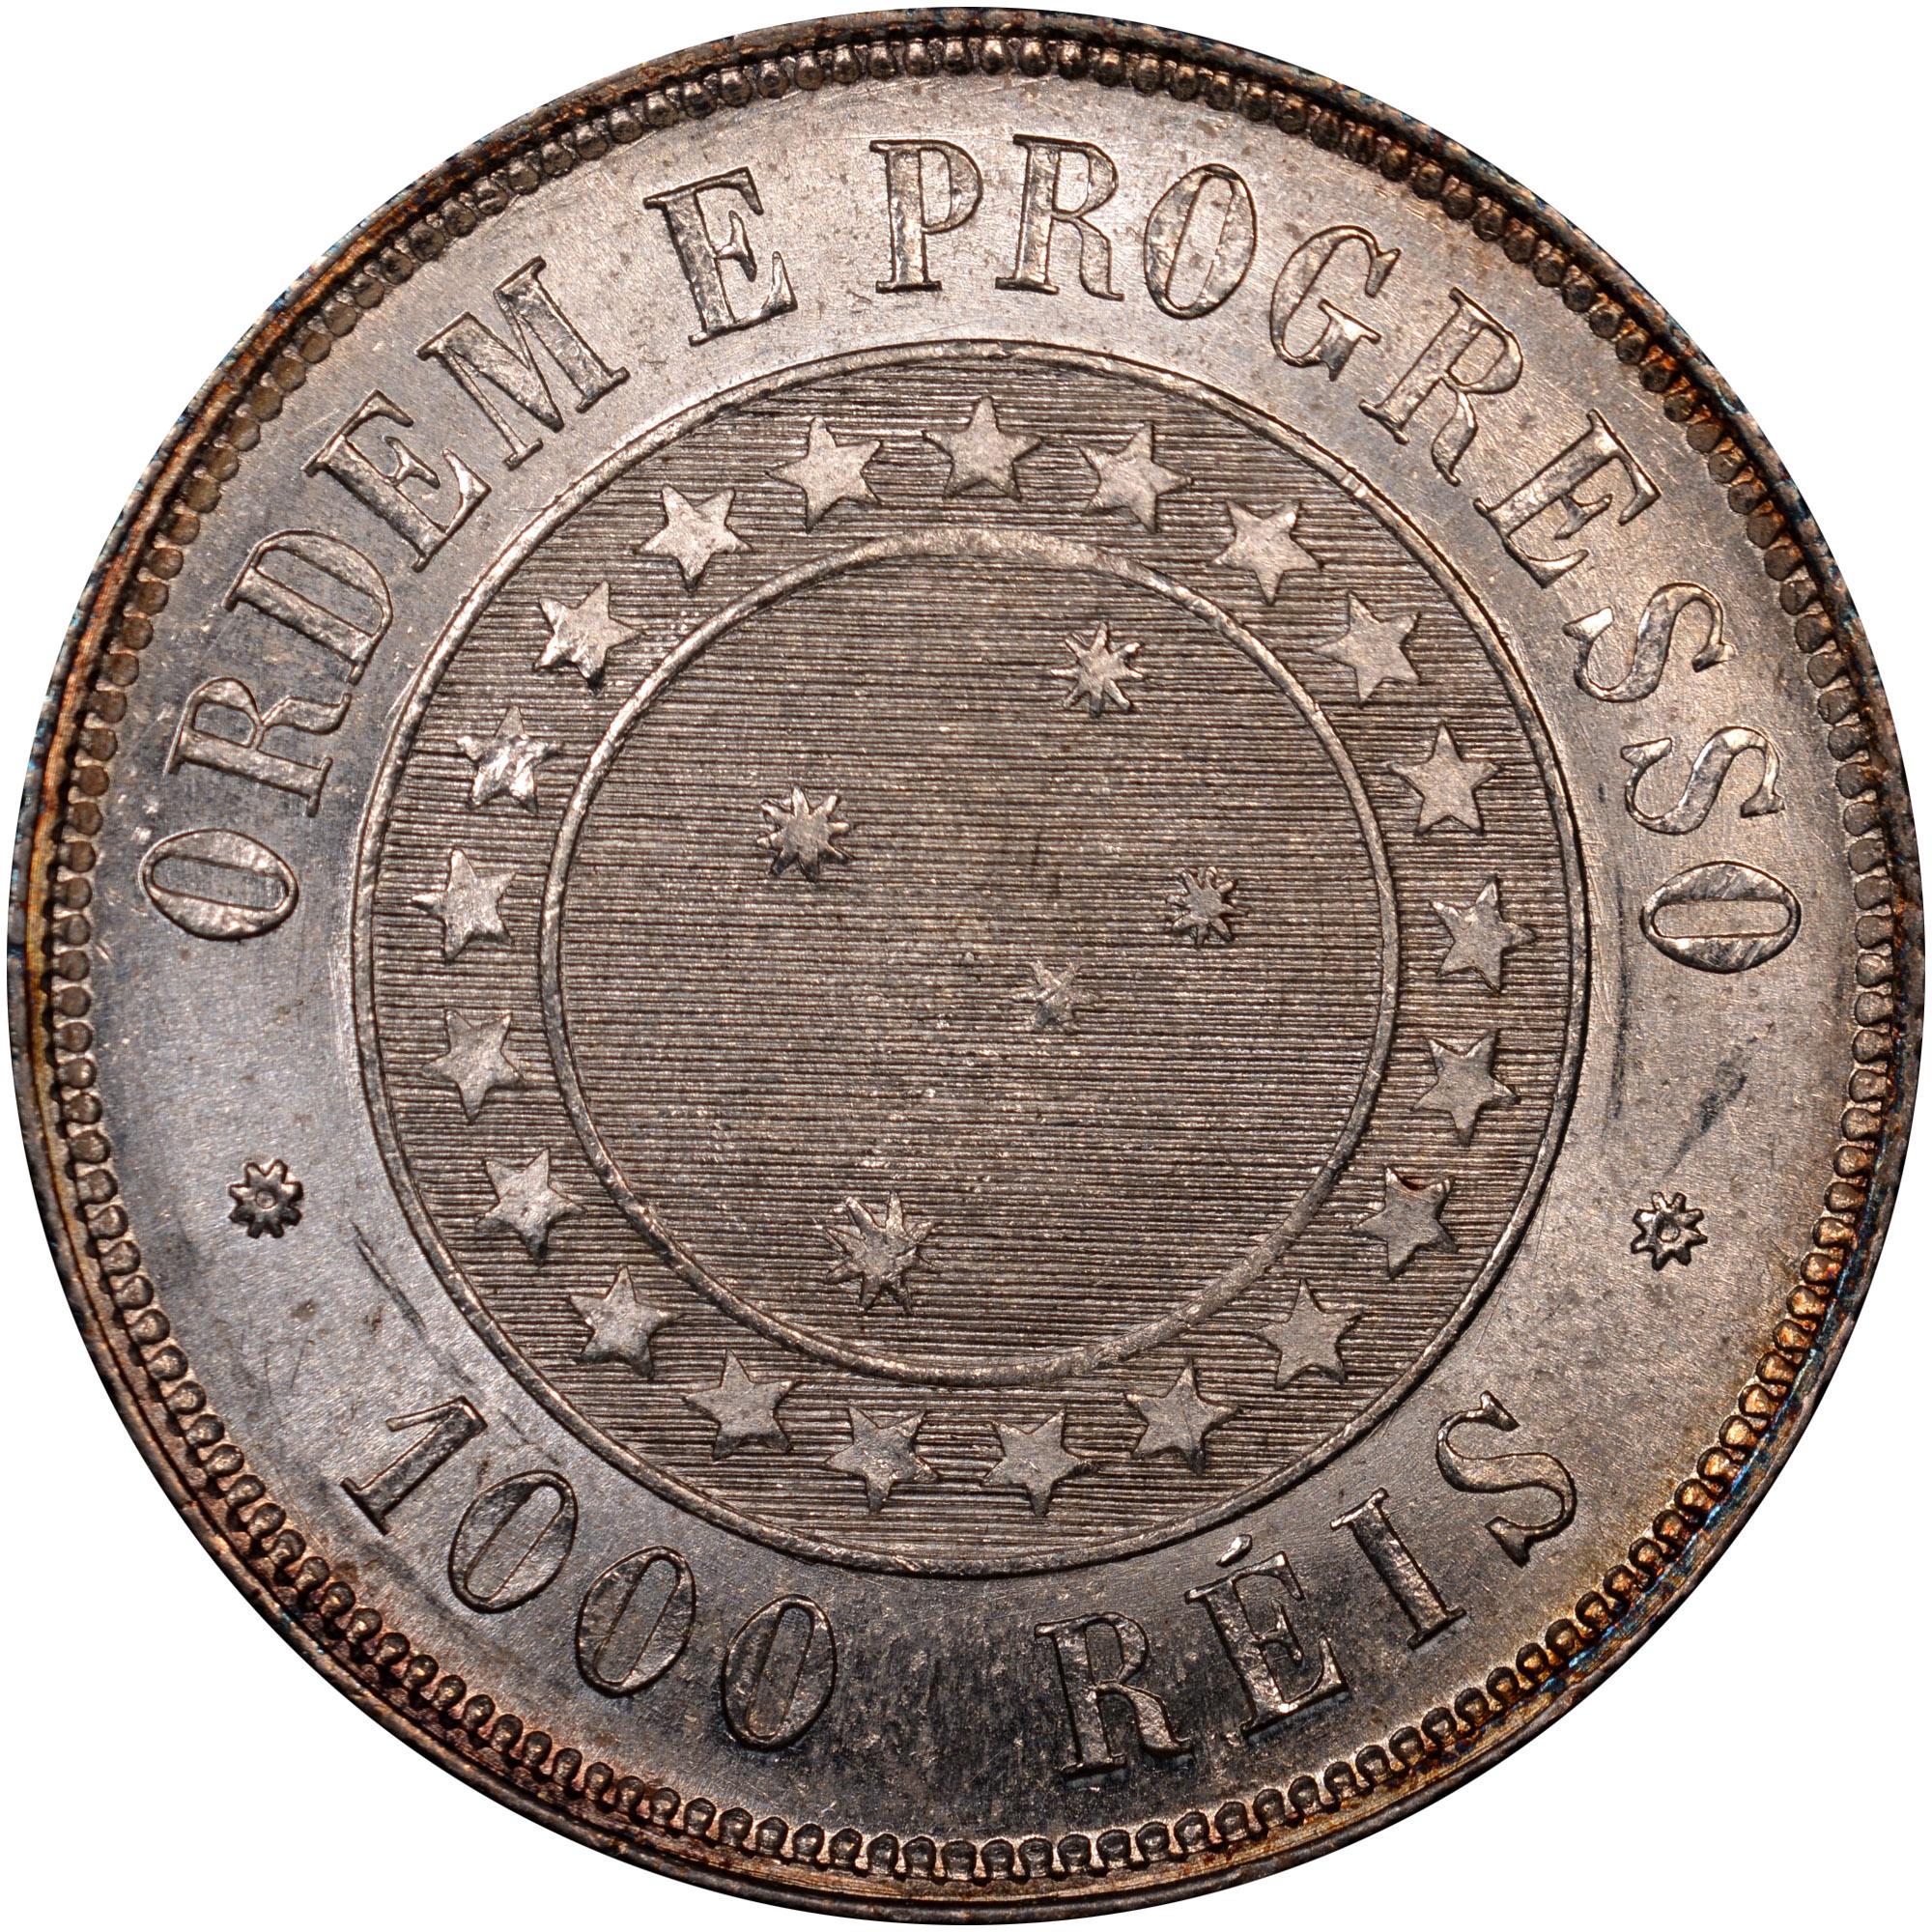 1889 Brazil 1000 Reis reverse